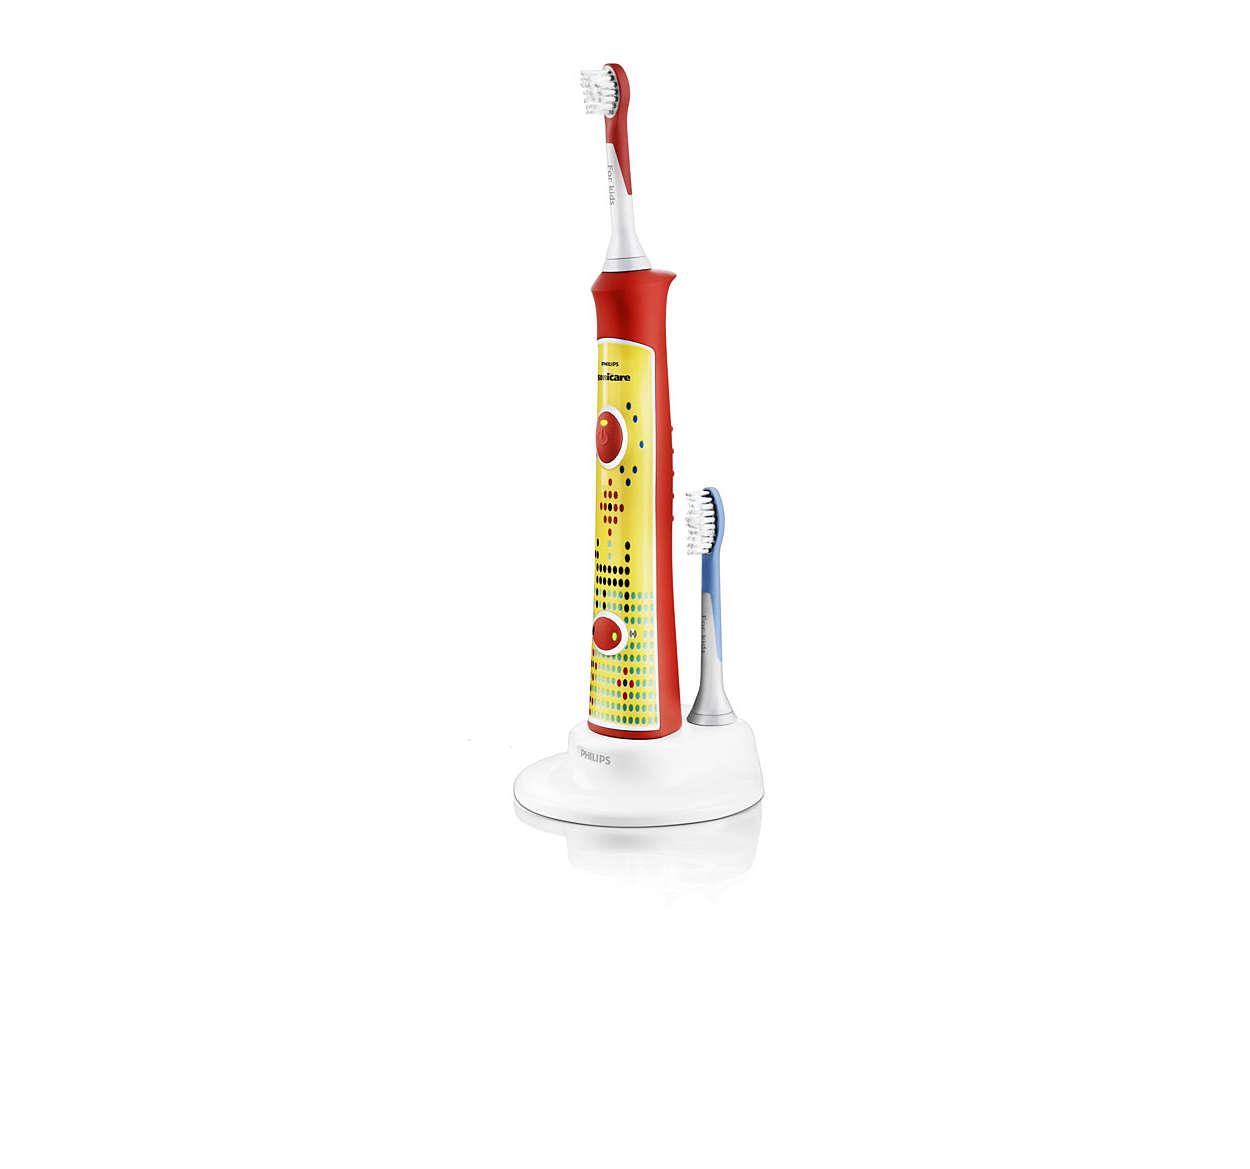 Encourage les enfants à bien se brosser les dents tout seuls